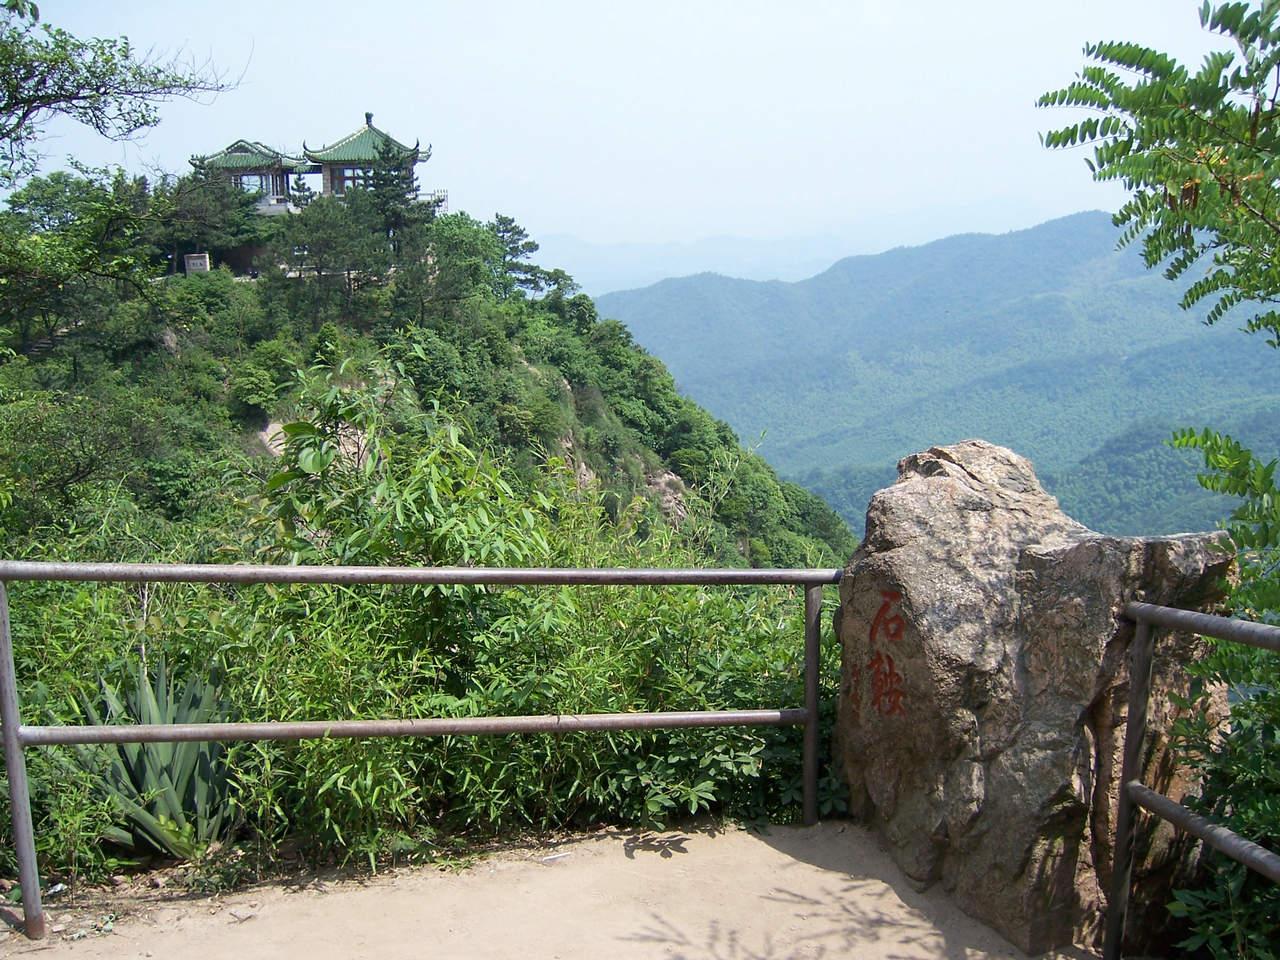 过莫干山镇,曲曲弯弯, 一路通畅约40分钟到达莫干山风景区(林海别墅).